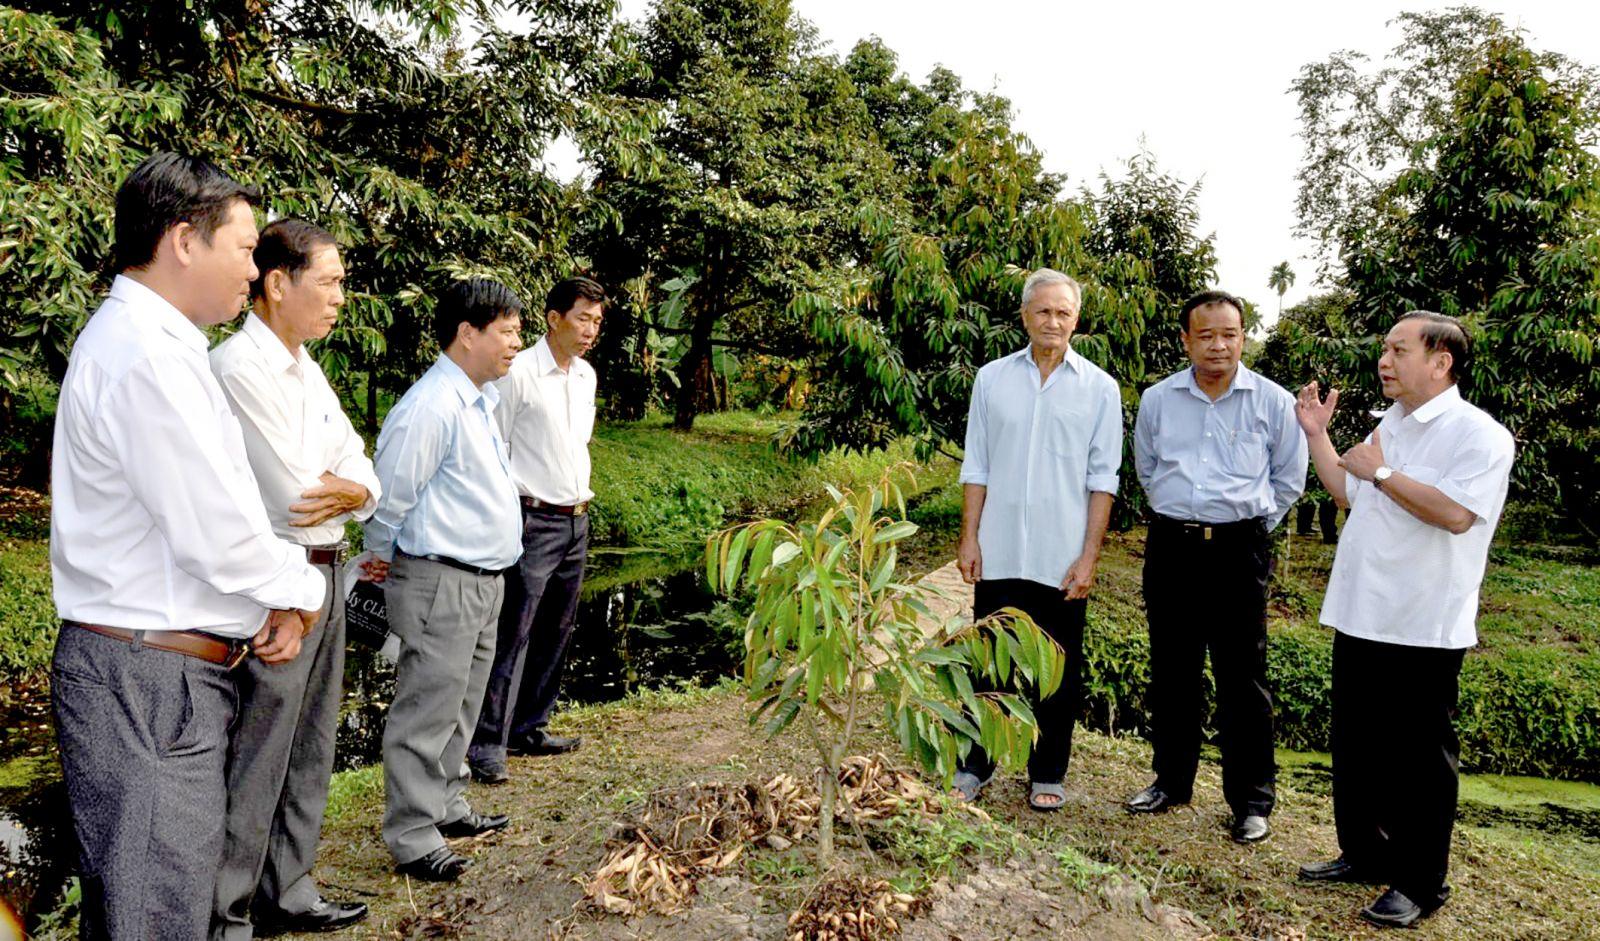 Đồng chí Trần Quốc Trung, Ủy viên Trung ương Đảng, Bí thư Thành ủy (bìa phải) tham quan mô hình cải tạo vườn, trồng cây ăn trái ở huyện Thới Lai.